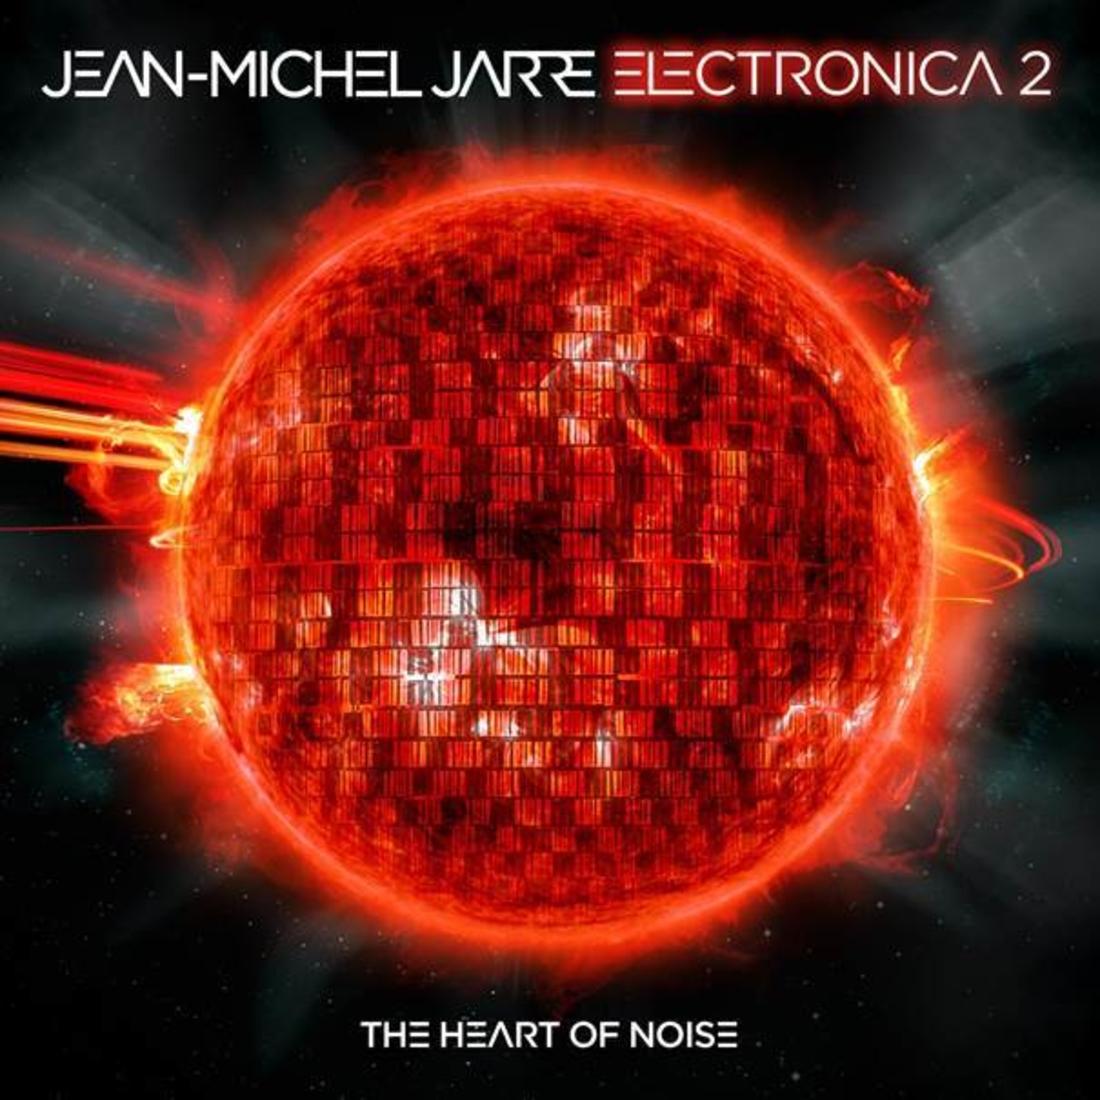 gwendalperrin-net-jean-michel-jarre-electronica-2